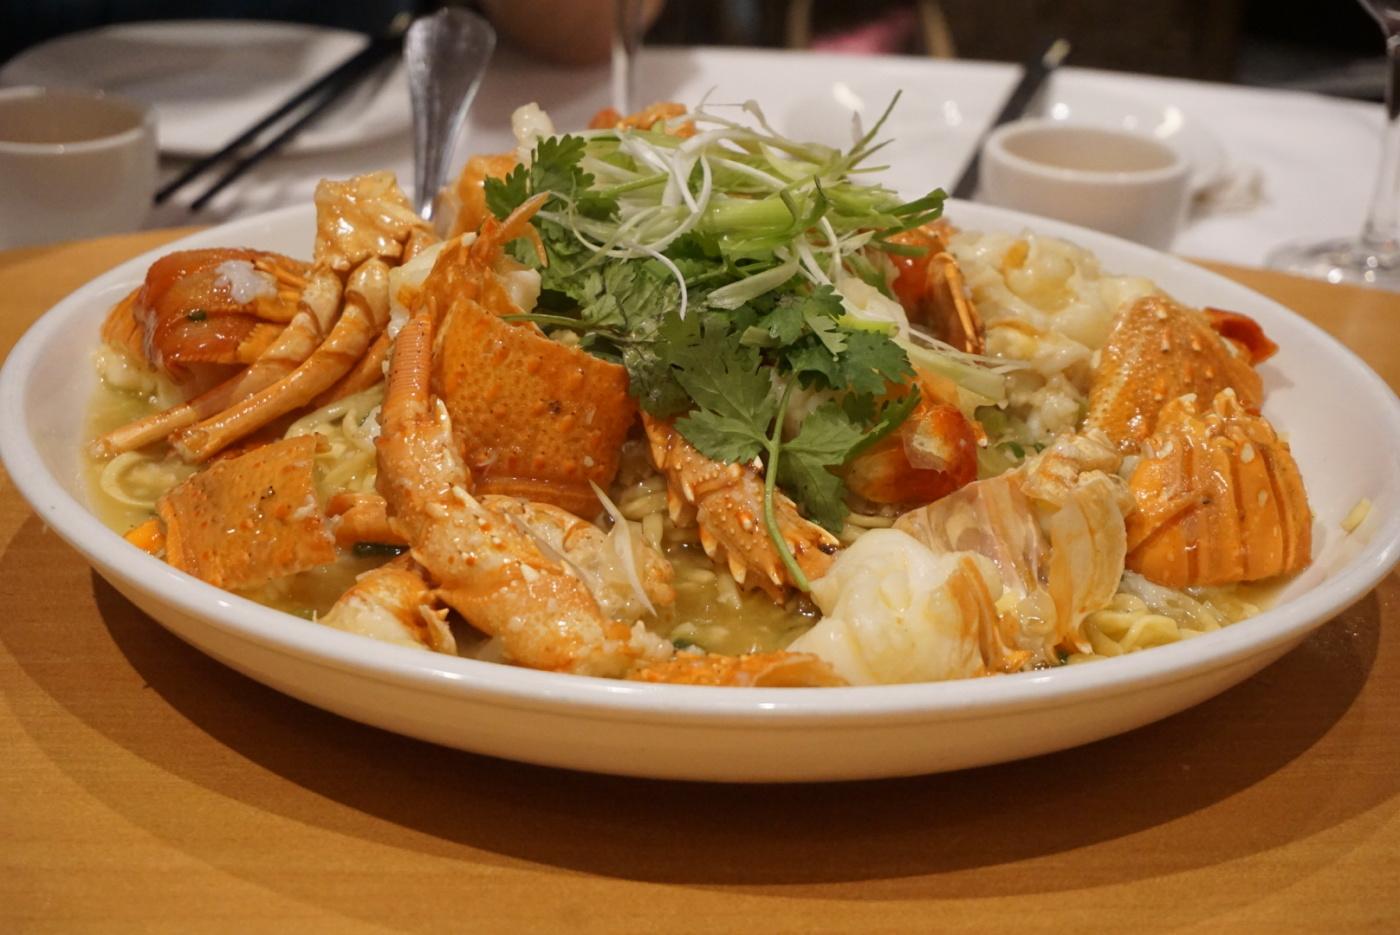 Lobster yee mien (Lobster noodles)